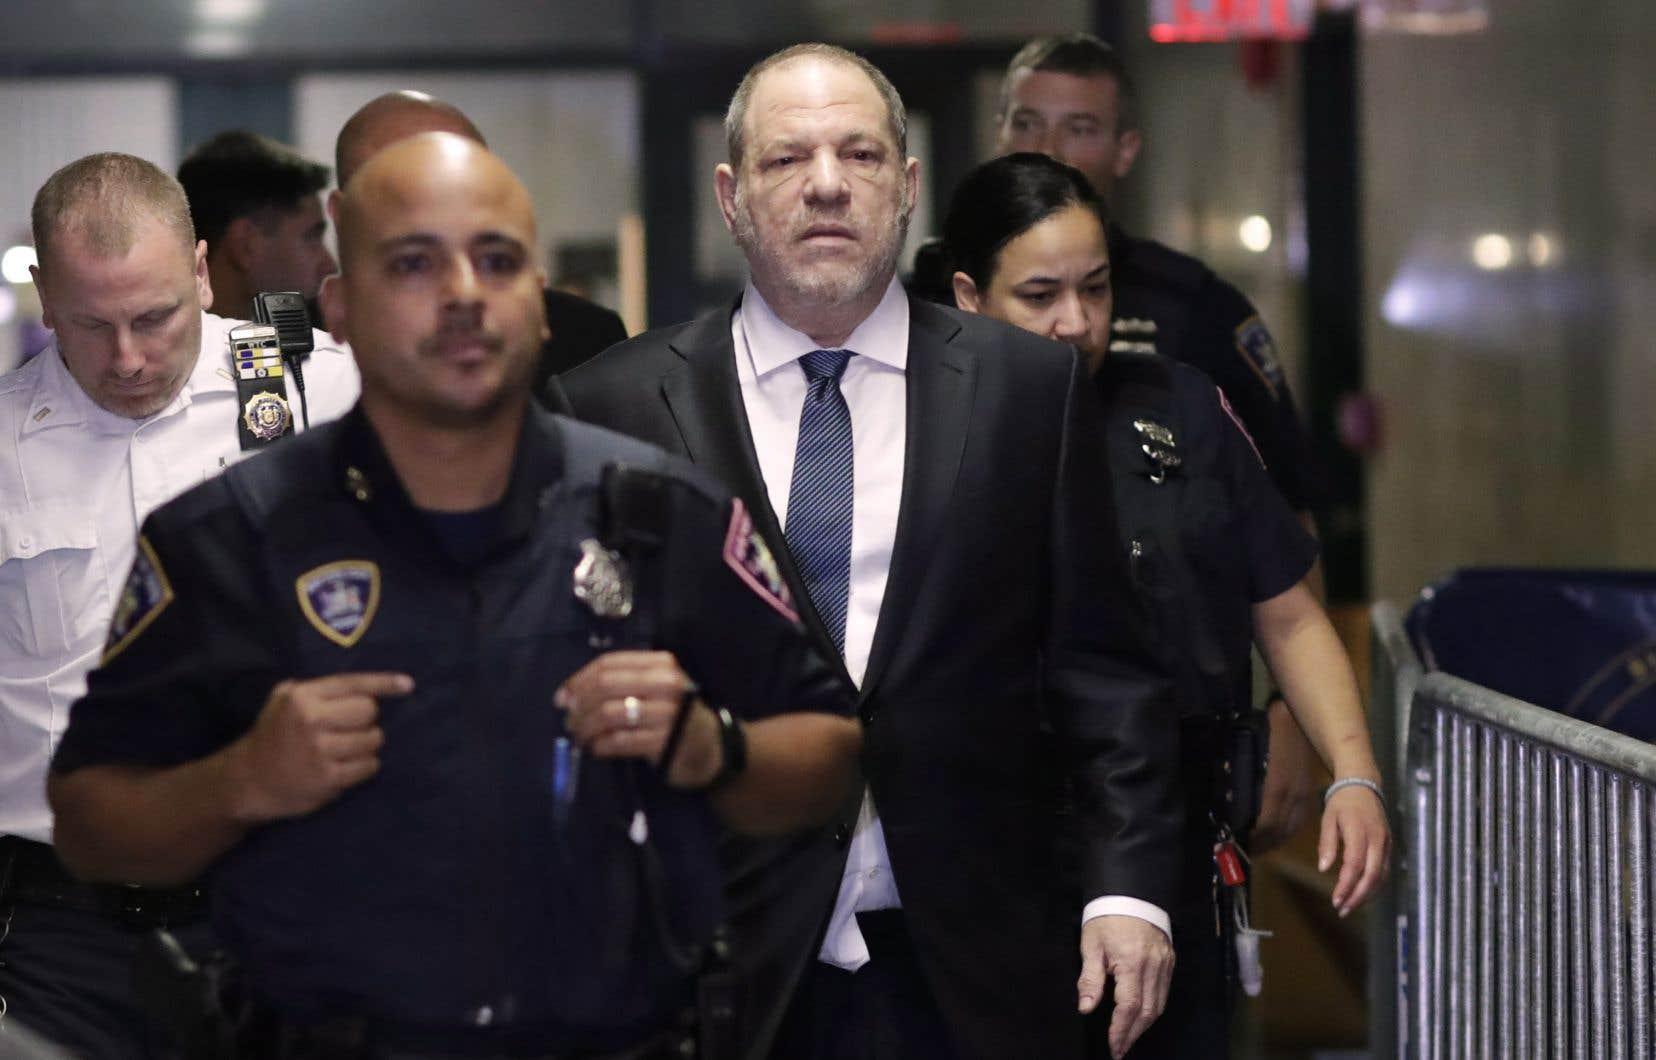 Harvey Weinstein a été accusé de harcèlement et d'agressions sexuelles par plus de 80 femmes.